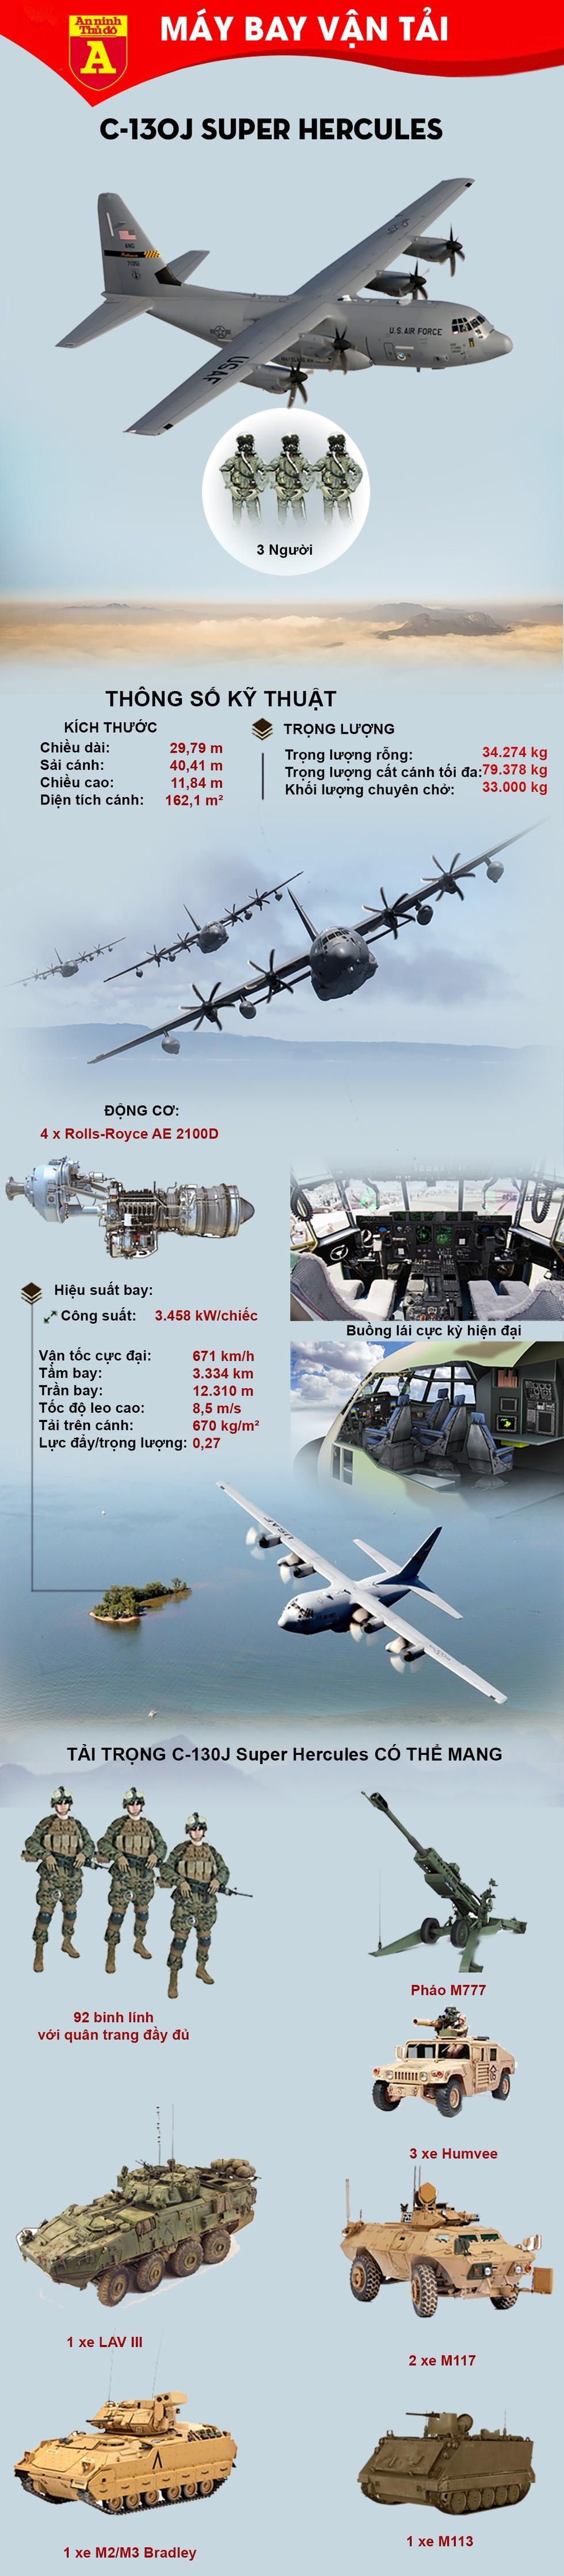 """[Info] """"Lực sĩ"""" C-130 do Mỹ sản xuất bị rơi khi bay tới Nam Cực ảnh 3"""